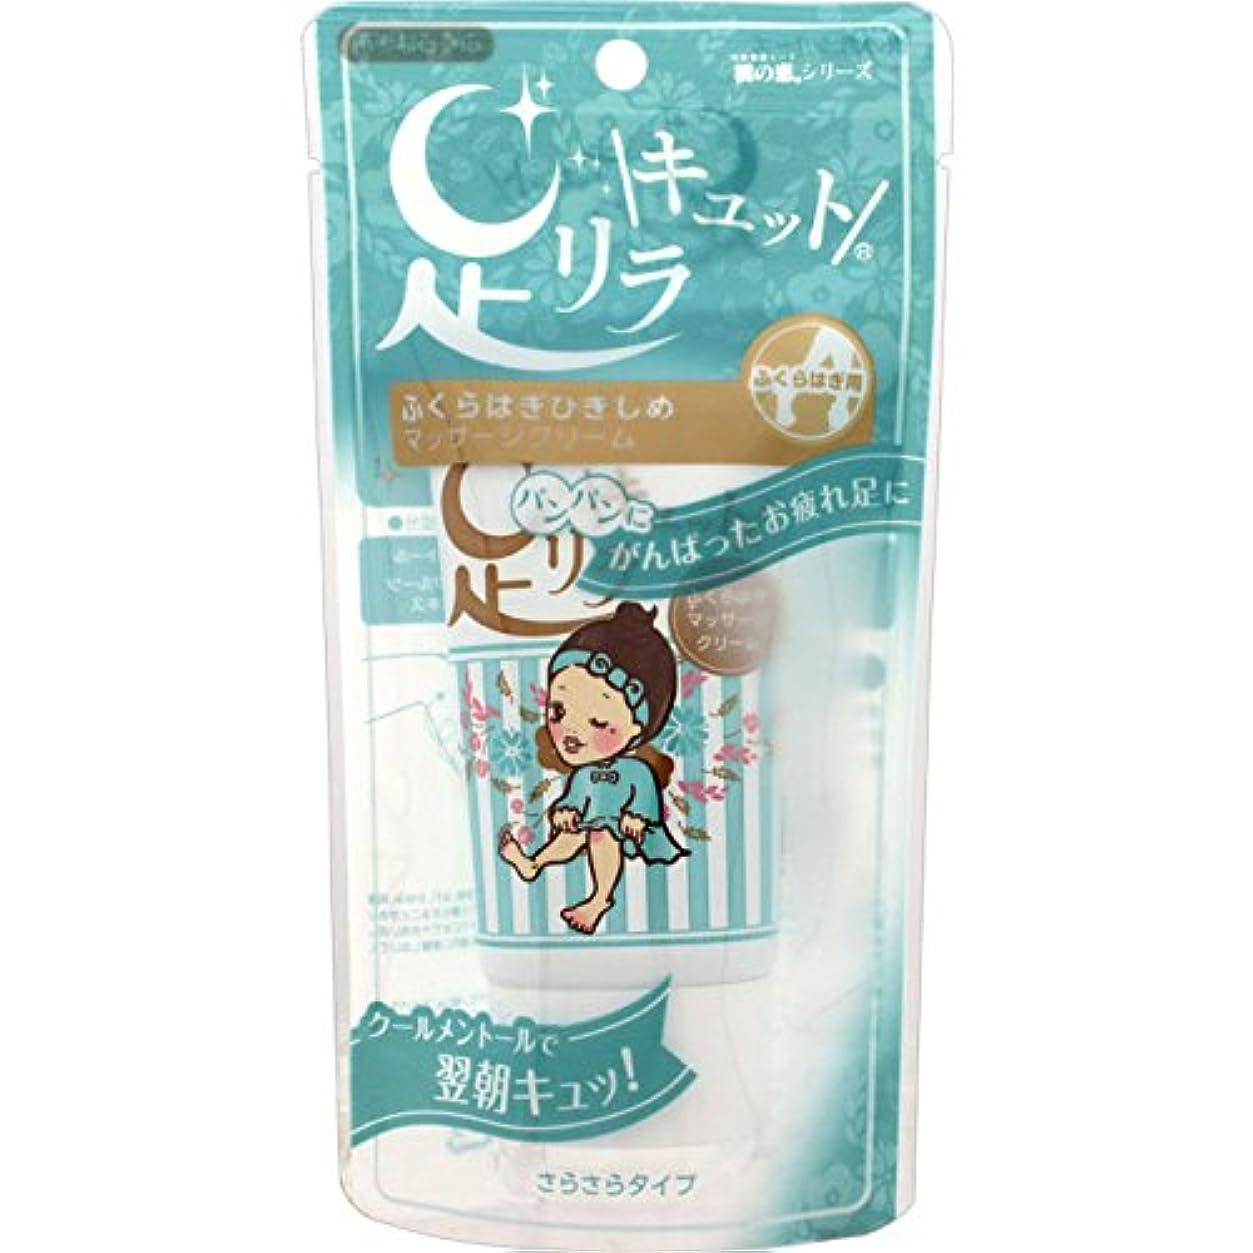 ワーカーアジア人しないでください足リラキュットふくらはぎひきしめマッサージクリーム 80g